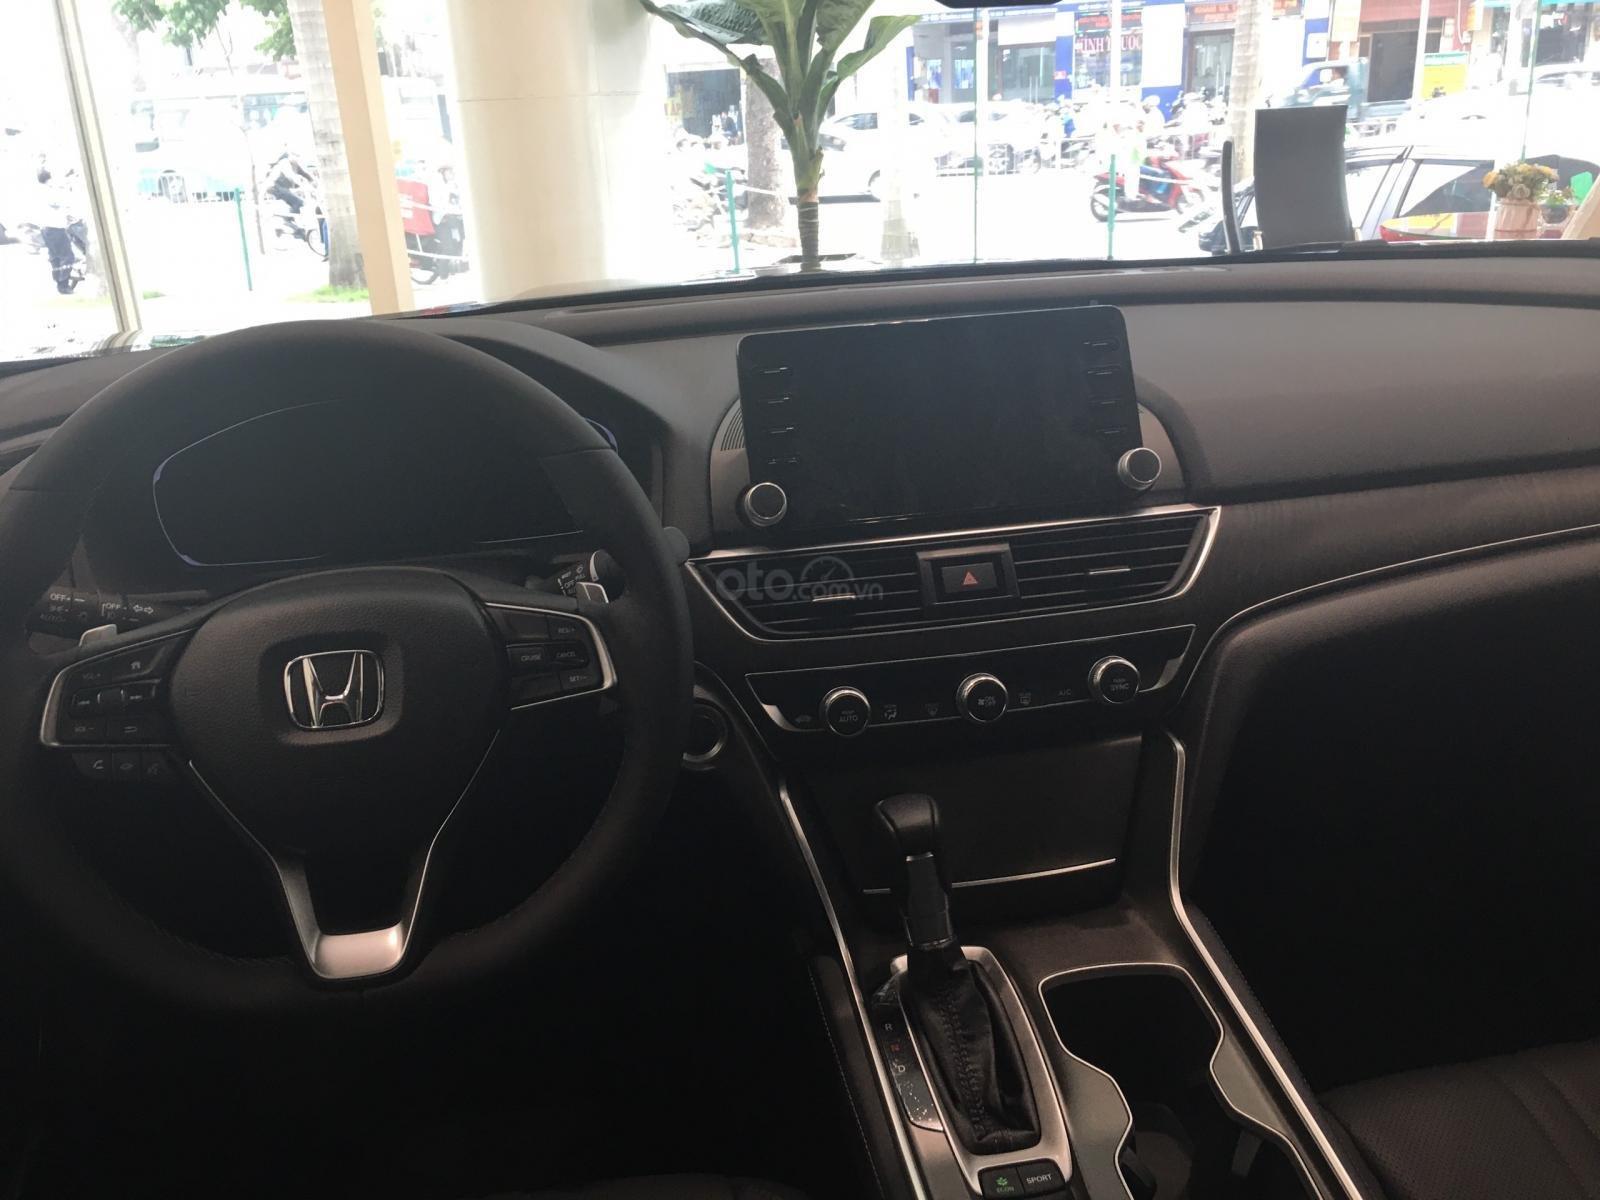 Honda Accord 2019 1.5 Turbo - Nhập khẩu nguyên chiếc - Giao ngay. LH: 0966877768 Mr. Hải (9)